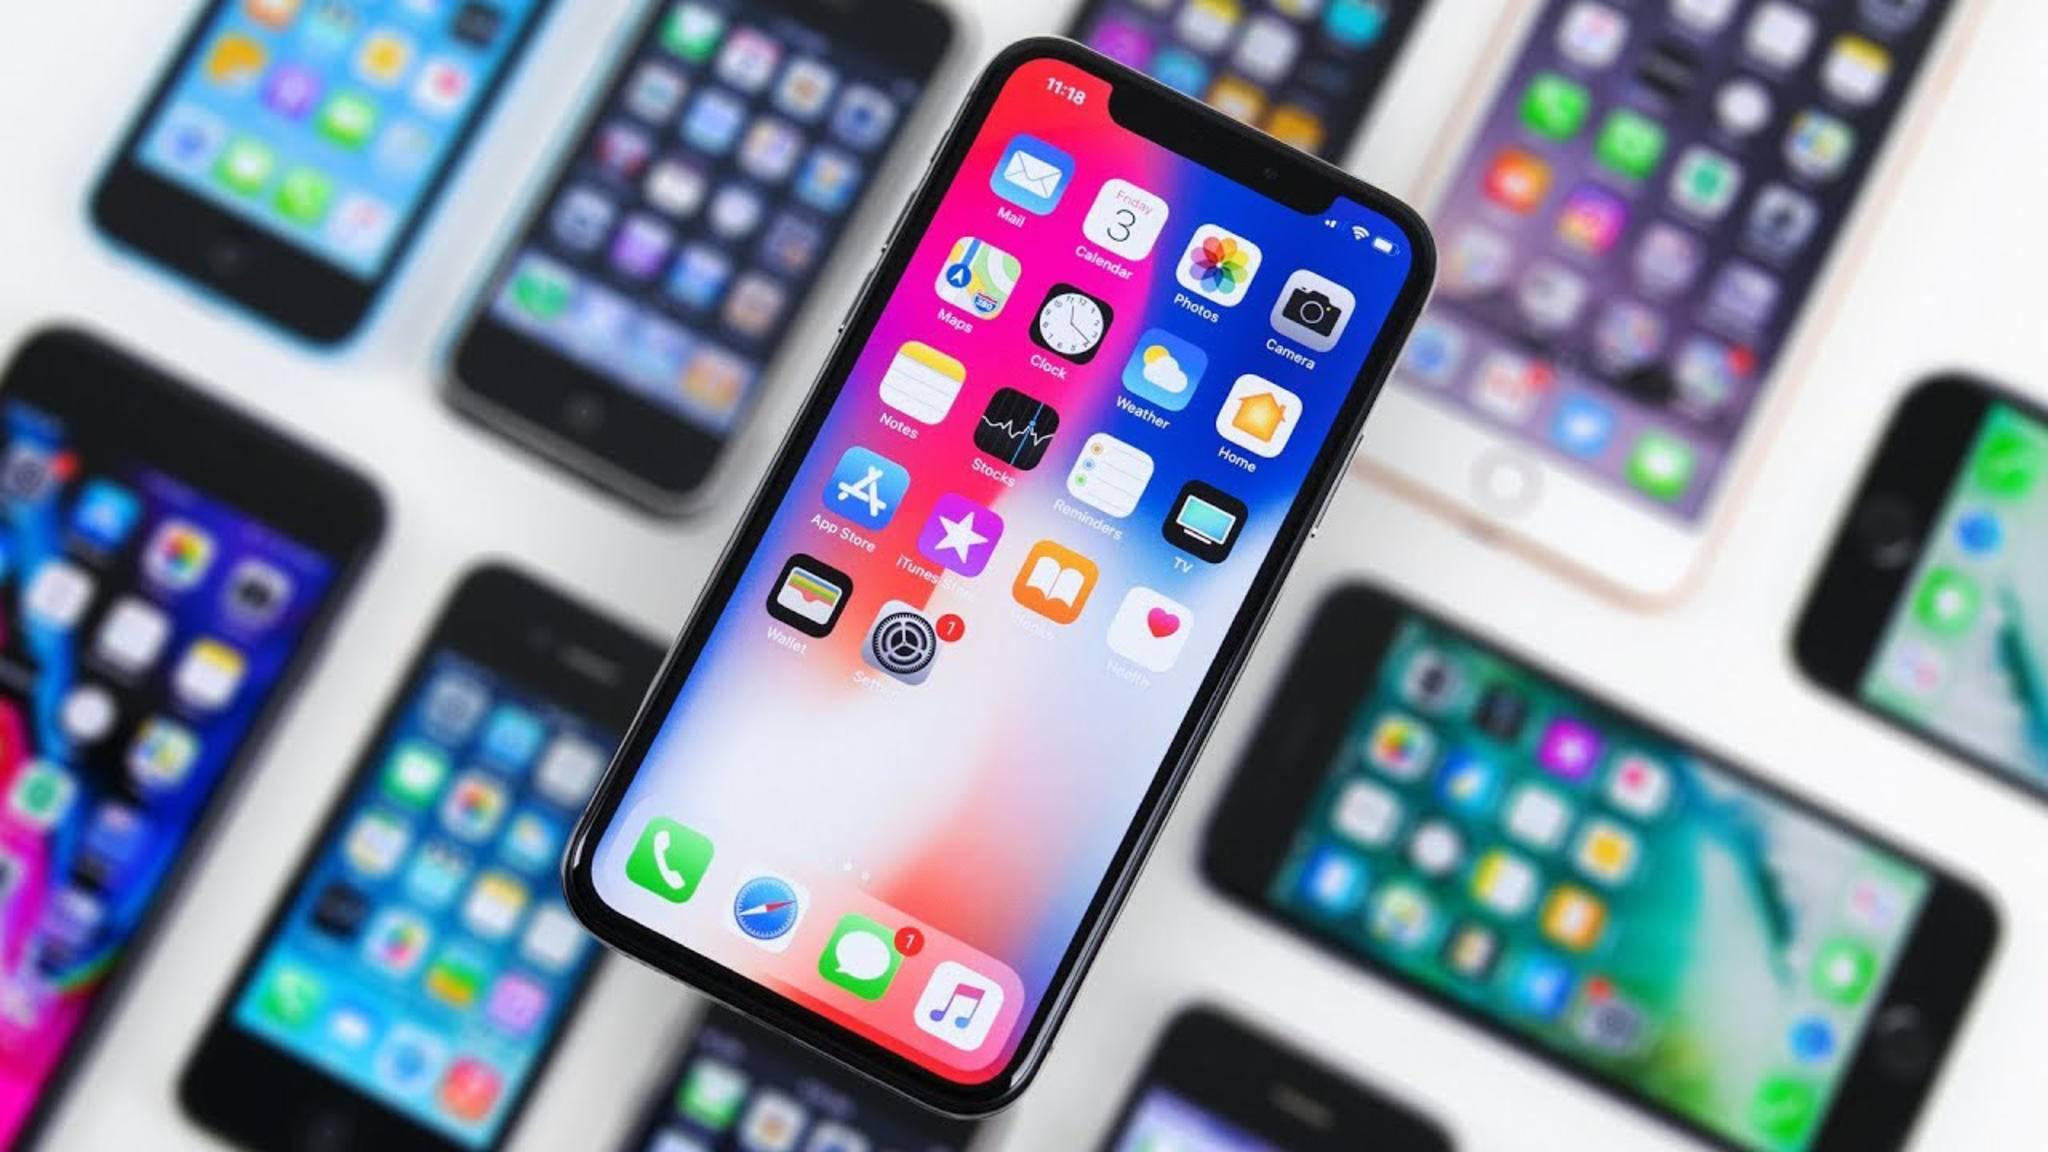 Viele iPhone-Apps sammeln Standortdaten.